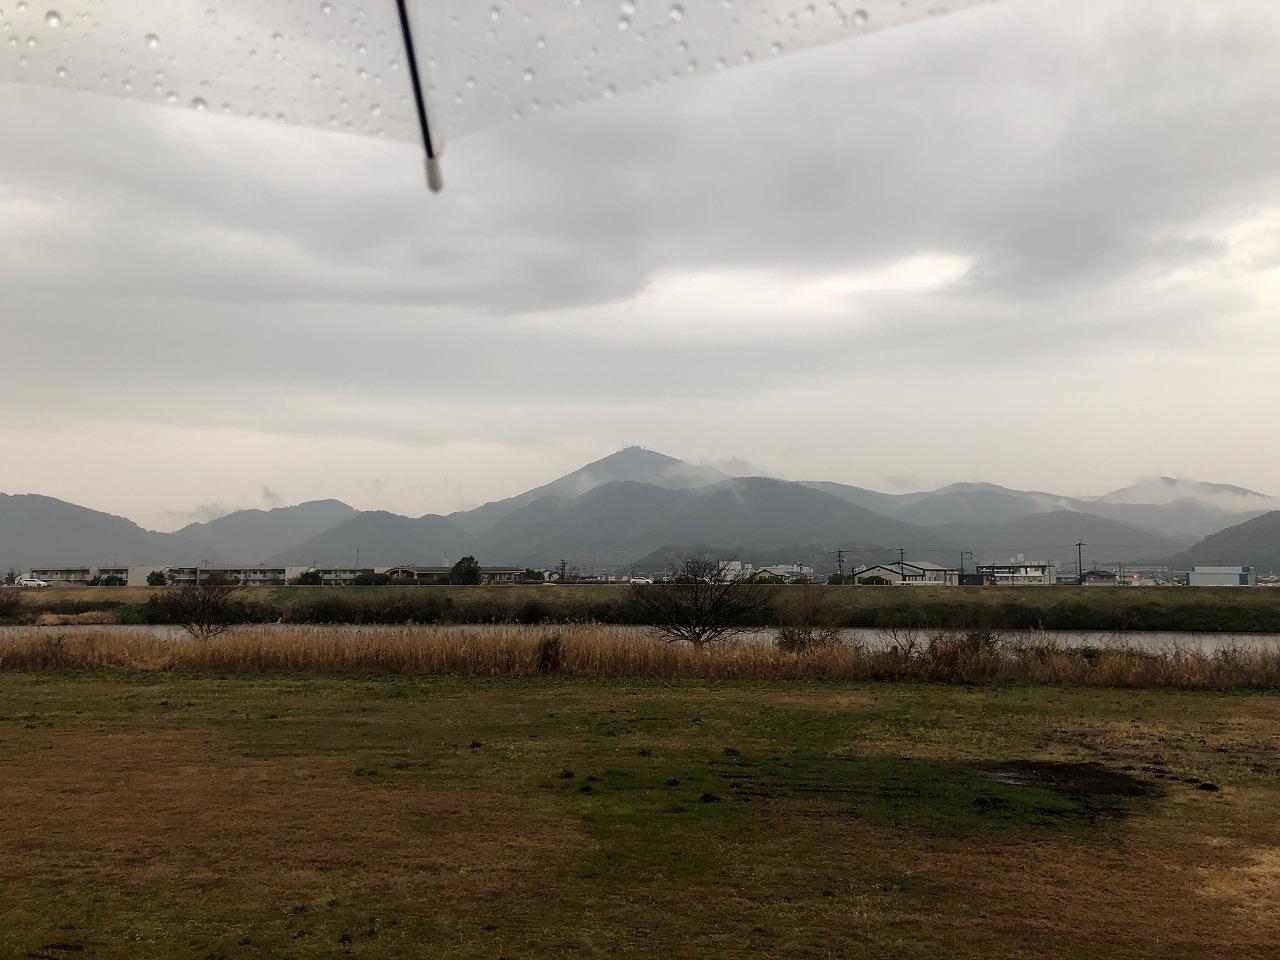 2020.2.14今朝の金峰山です。